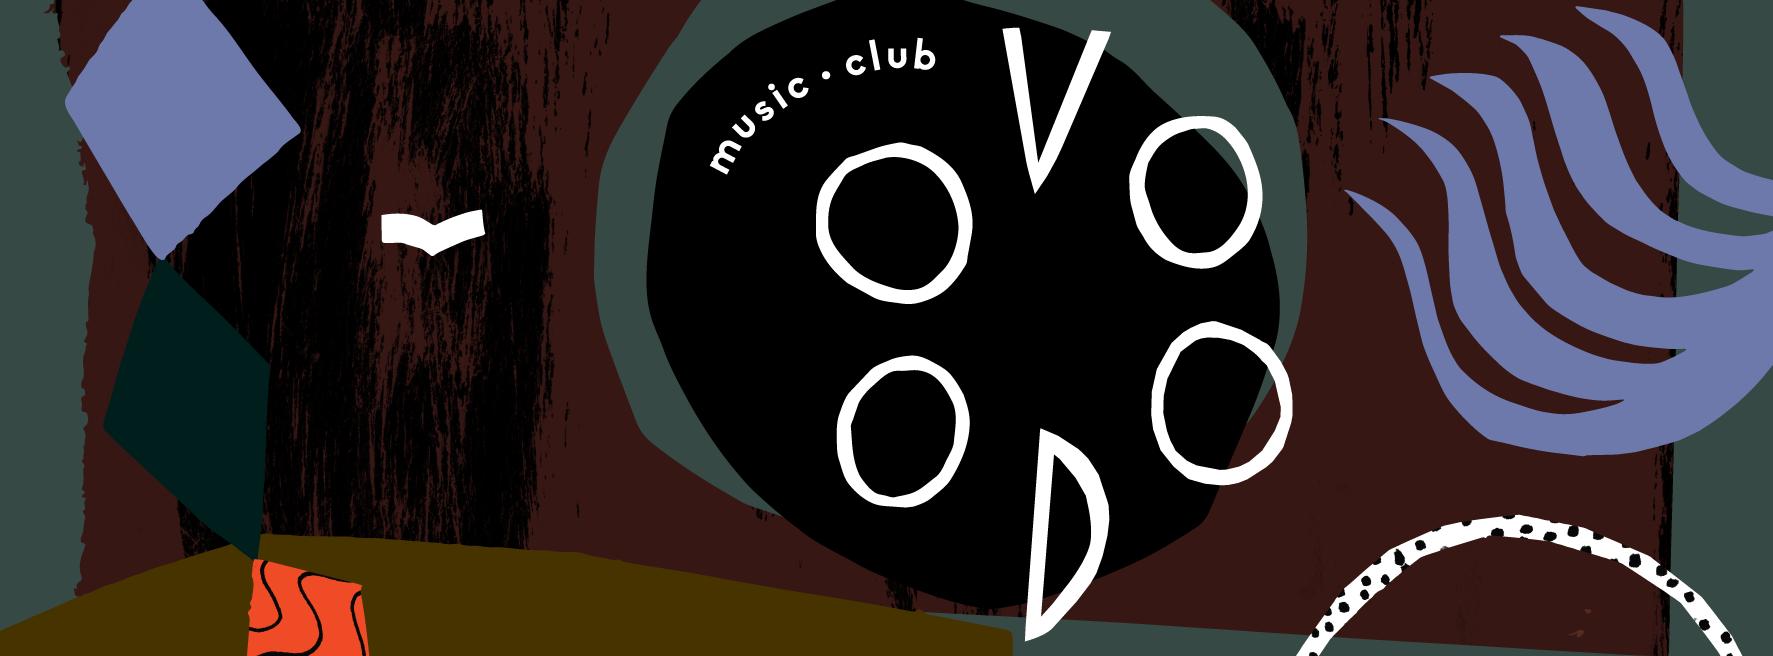 2018 voodoo